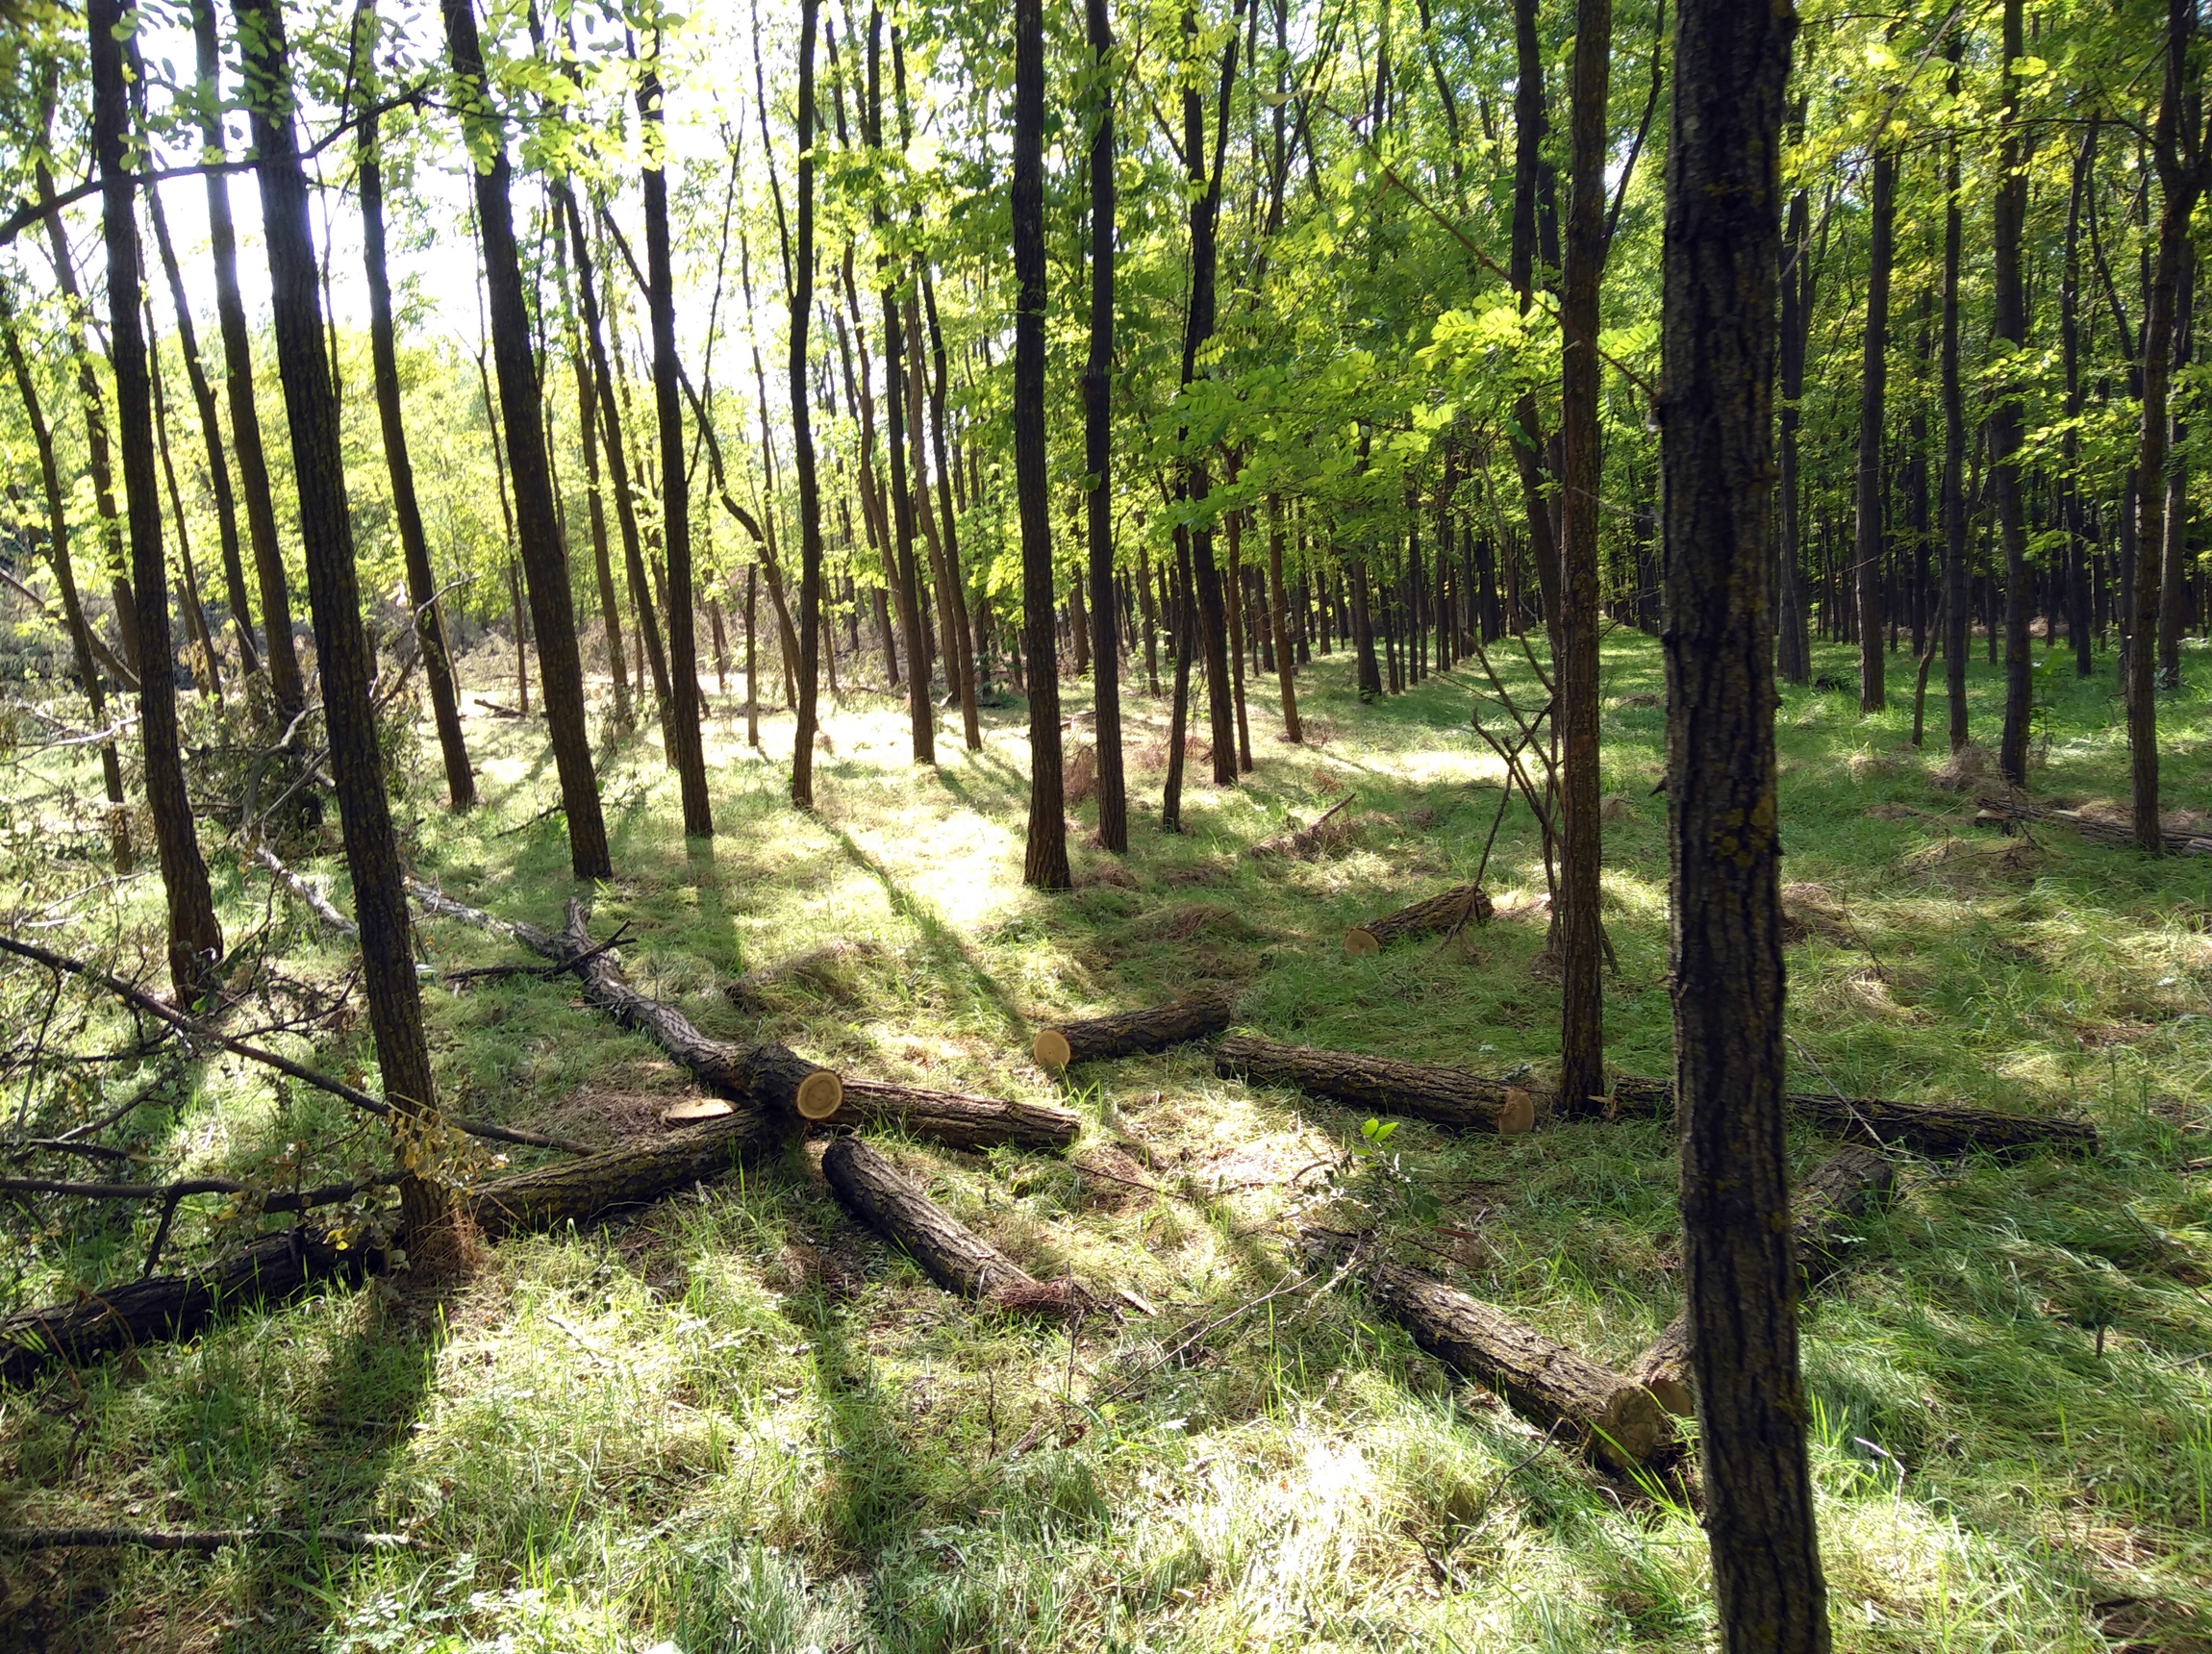 Egy tiszaalpári férfi azt mondta, az erdő az övé, és felfogadott három embert, hogy kivágják neki